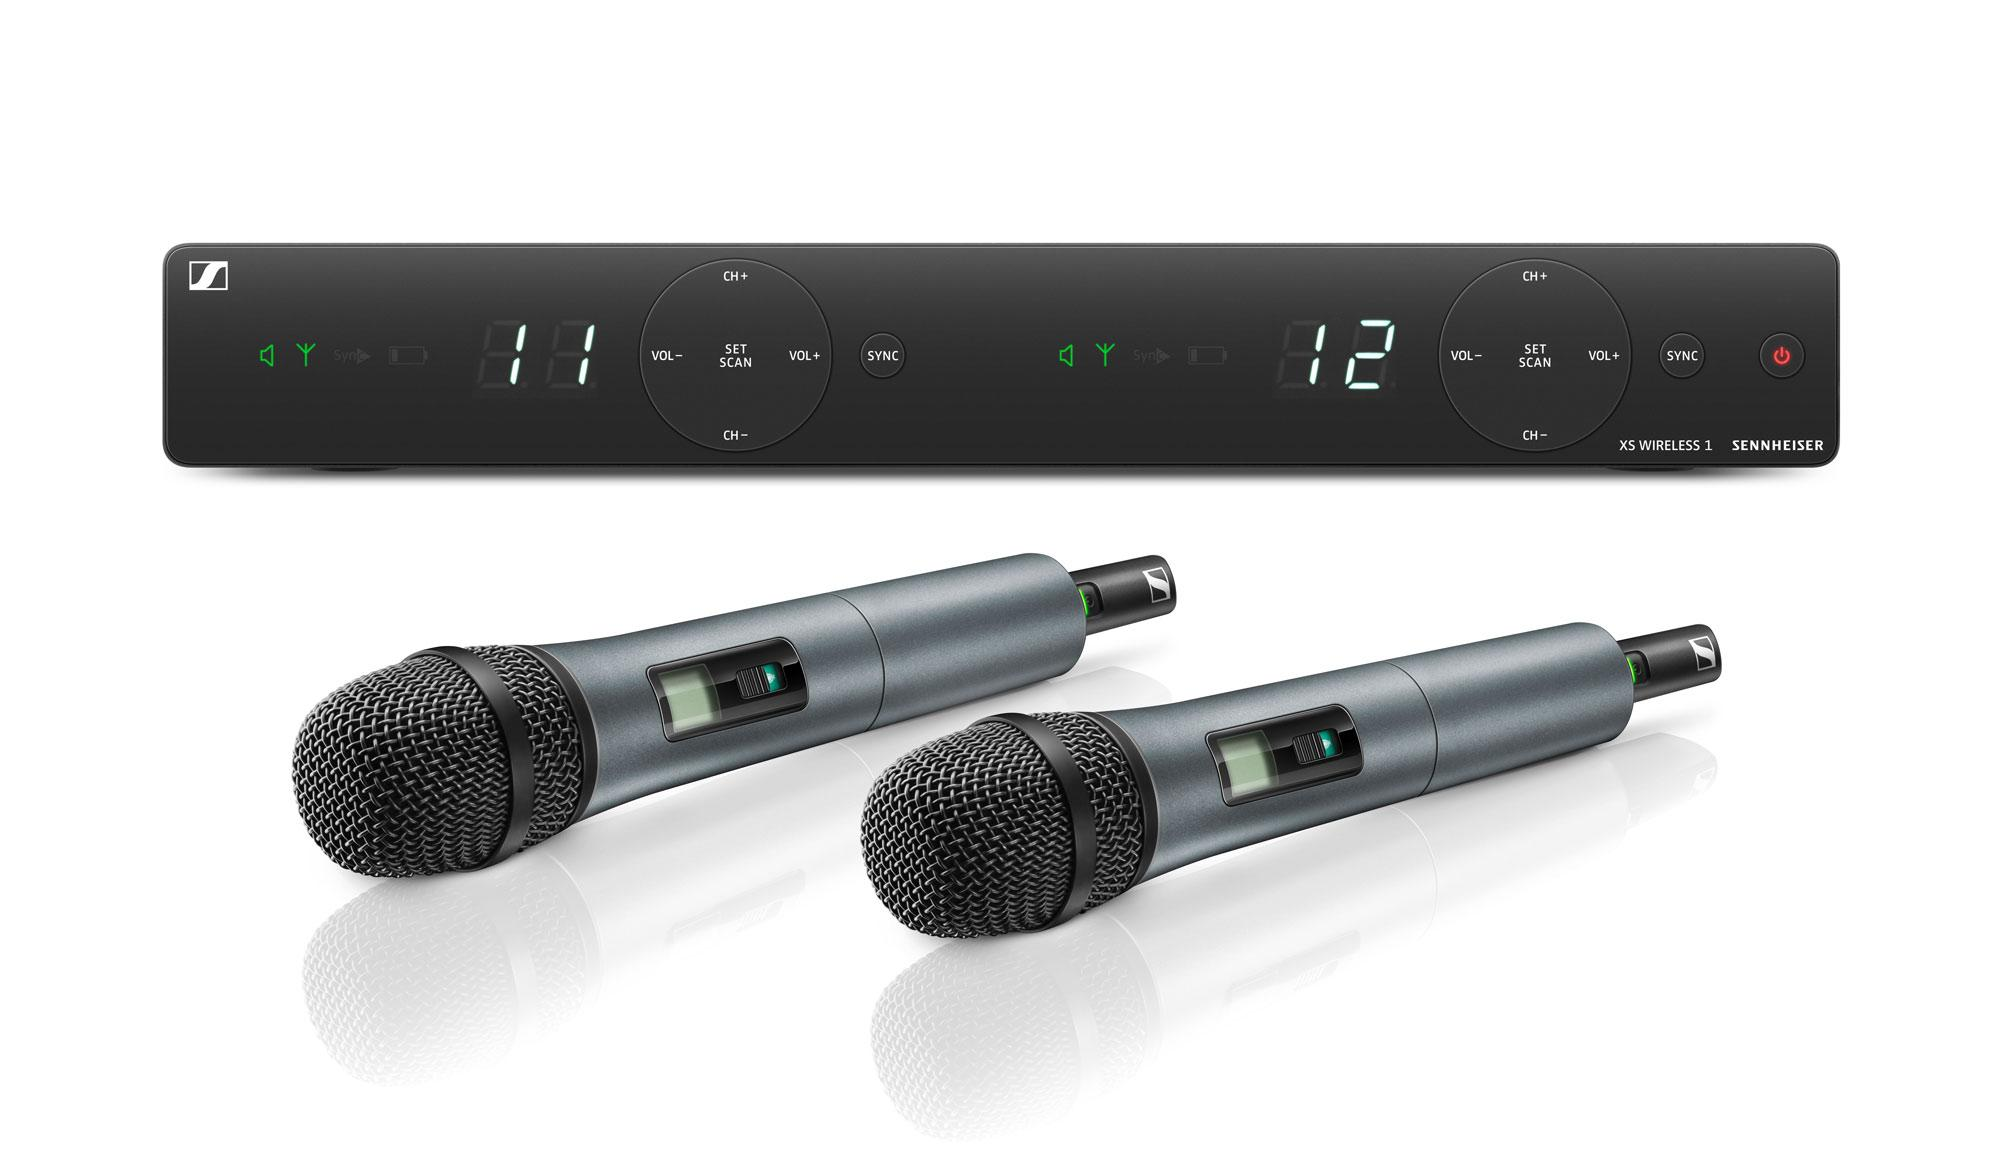 Drahtlossysteme - Sennheiser XSW 1 825 Dual Wireless - Onlineshop Musikhaus Kirstein